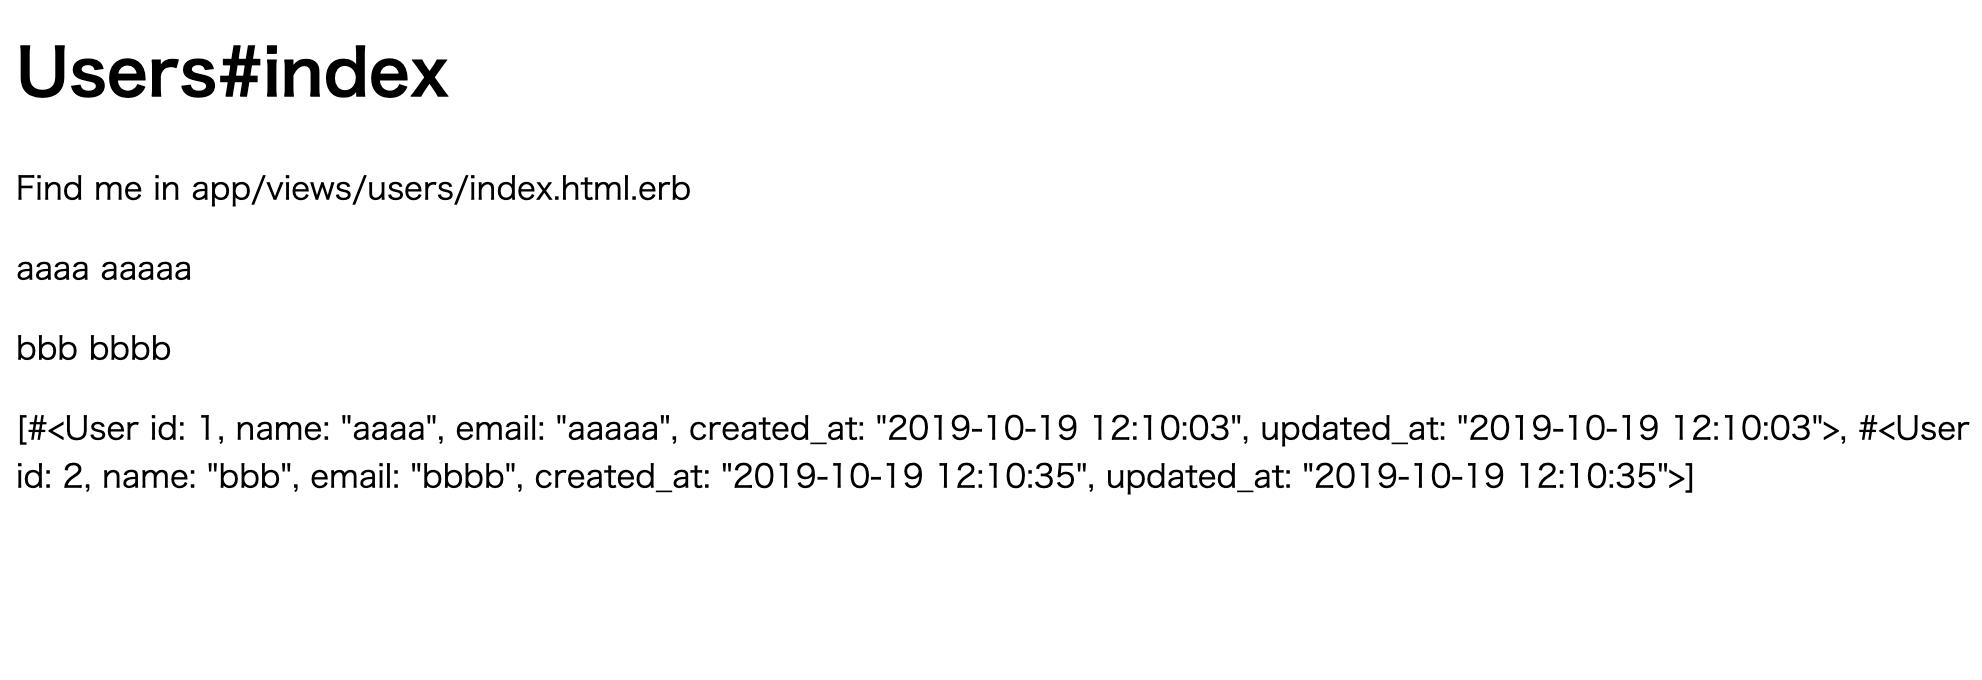 スクリーンショット 2019-10-20 21.12.05.png